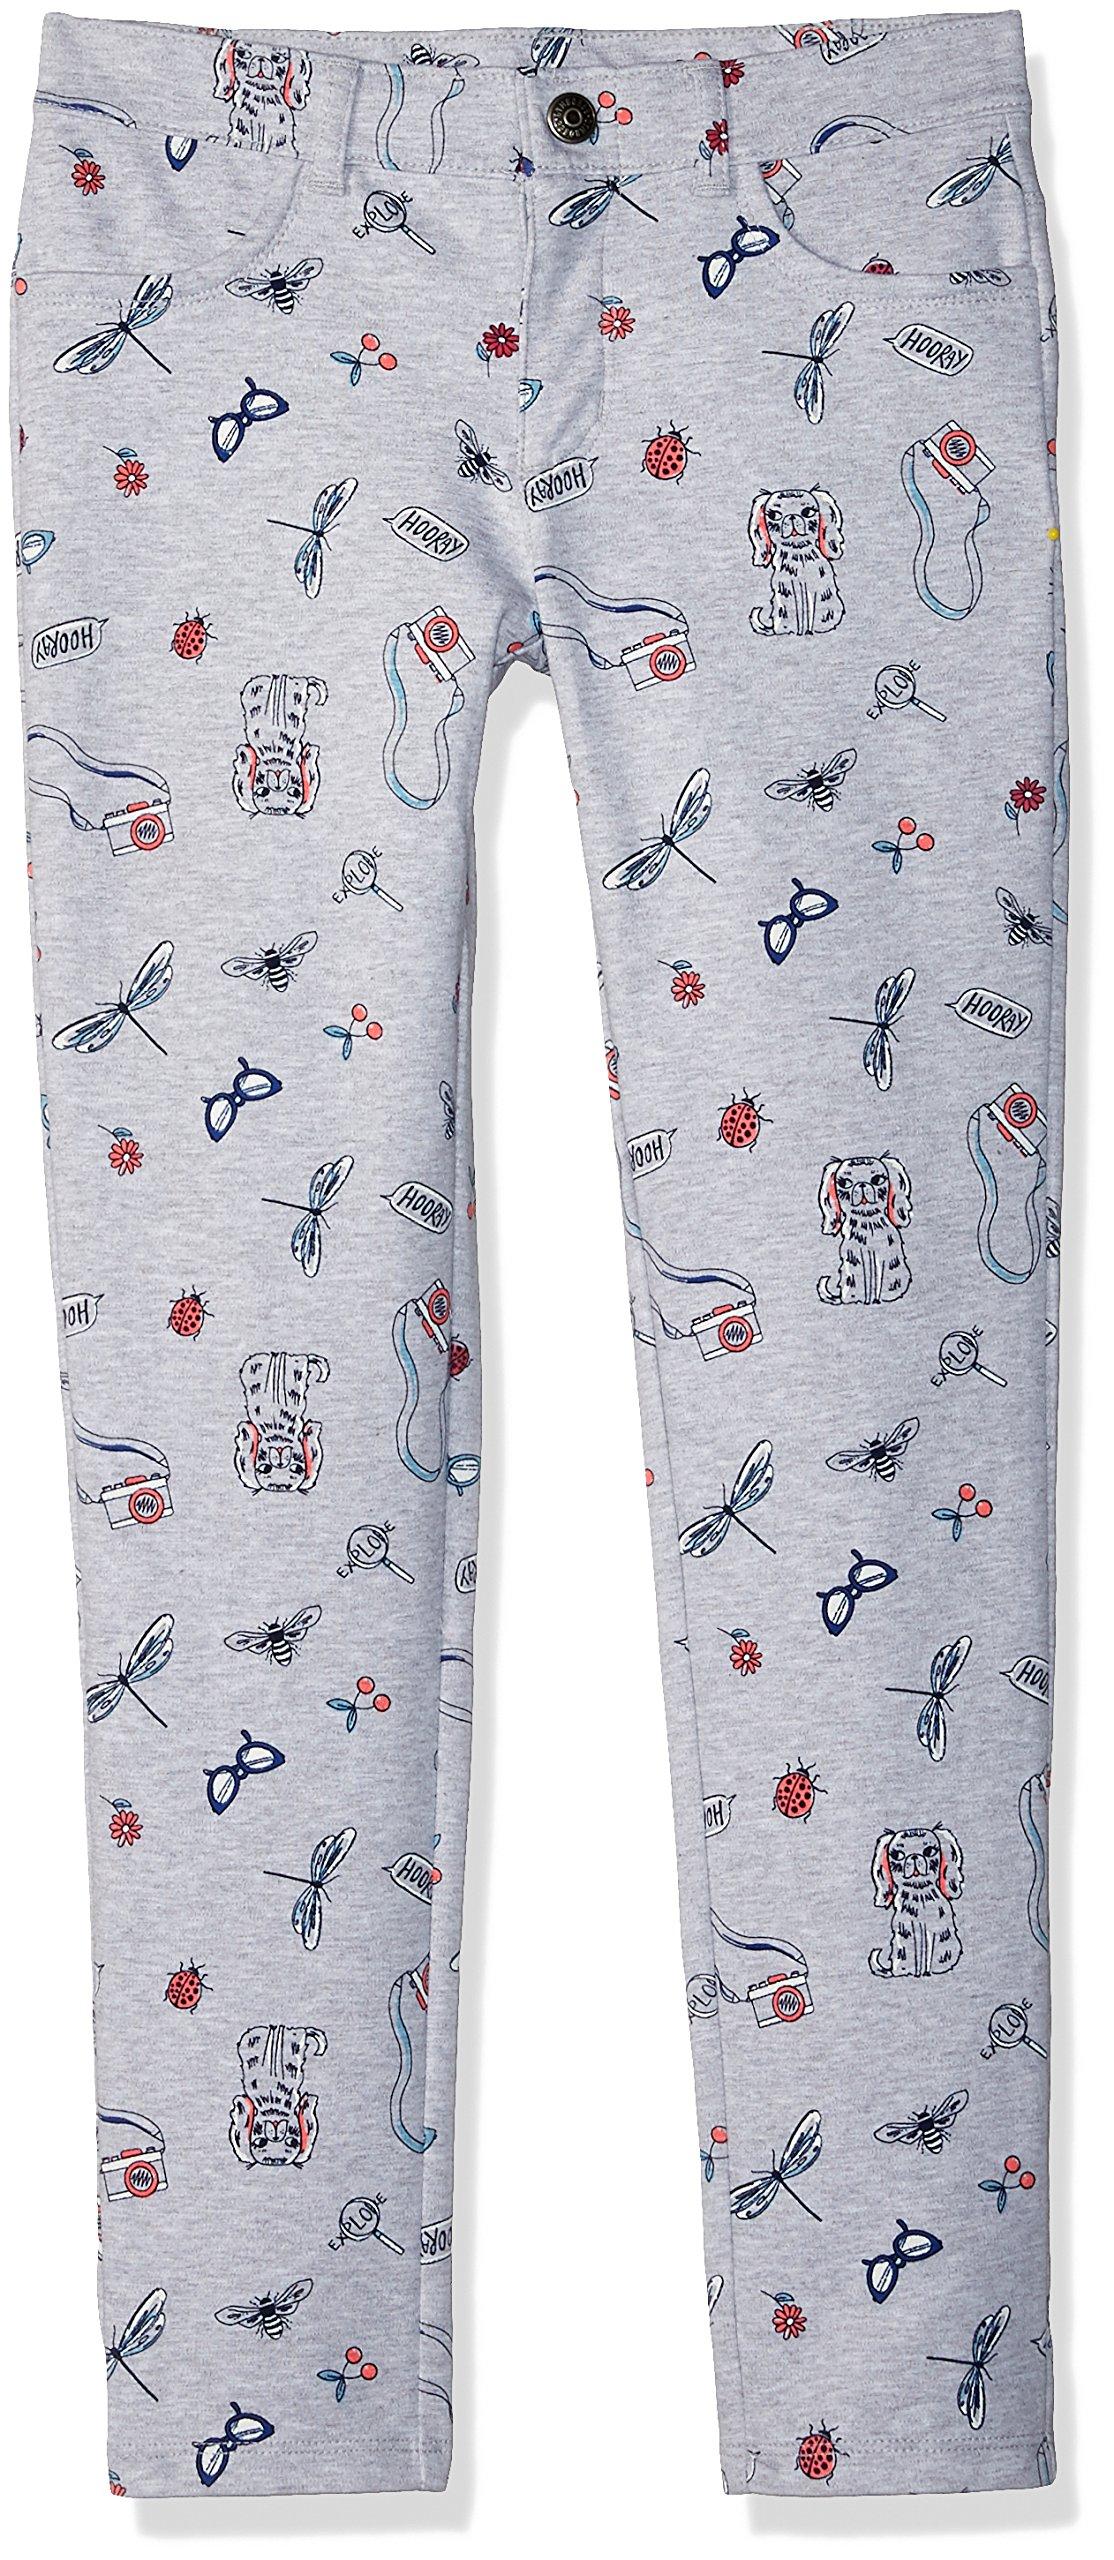 Gymboree Little Girls' Skinny 5-Pocket Knit Pant, Grey Doodle Print, 4